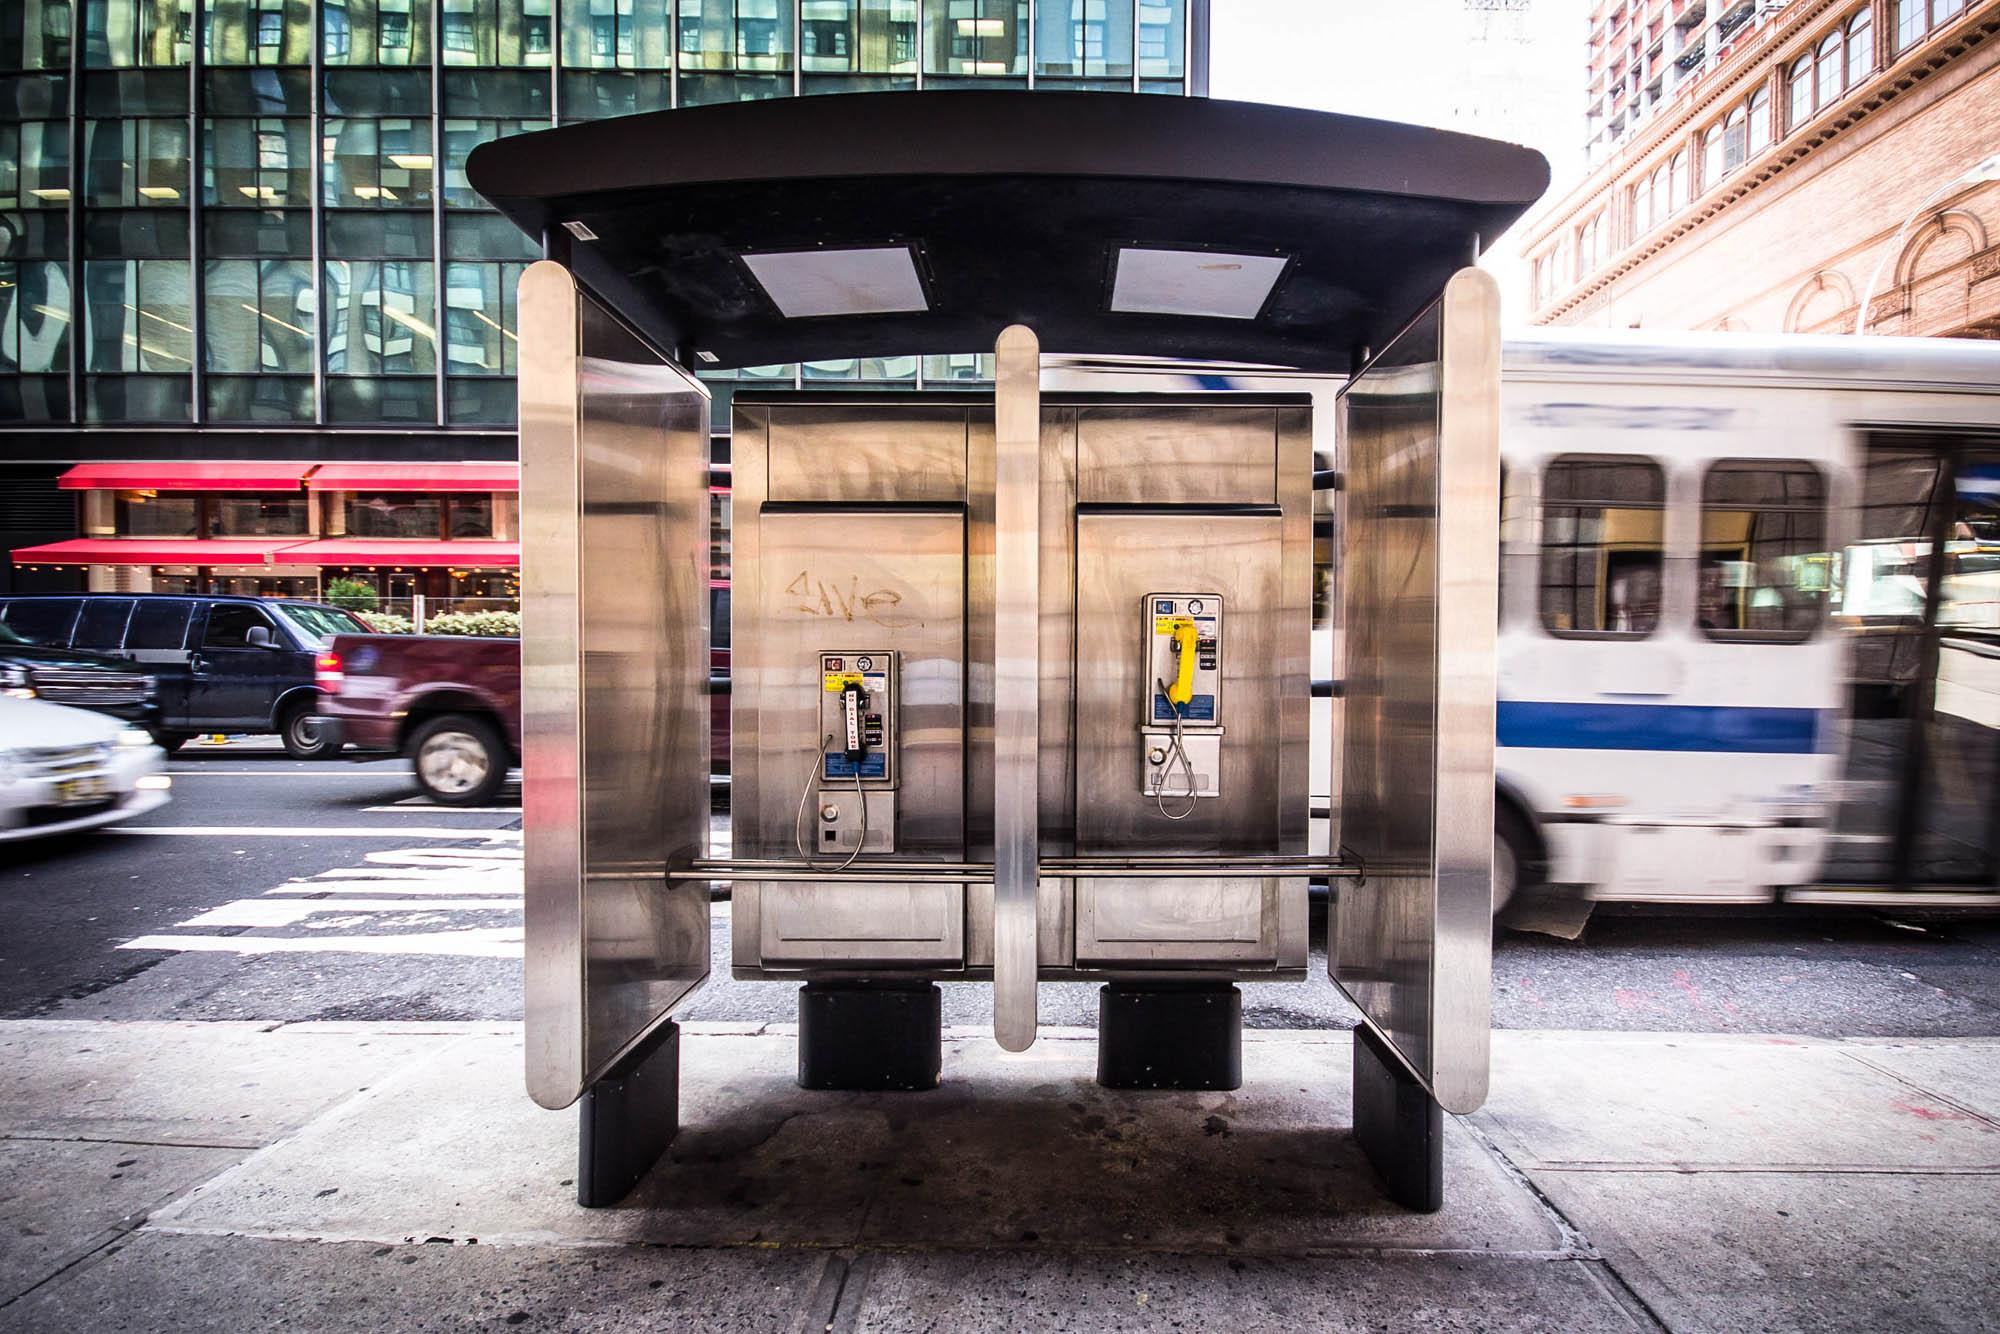 Telefones públicos em uma calçada da cidade (Shutterstock)